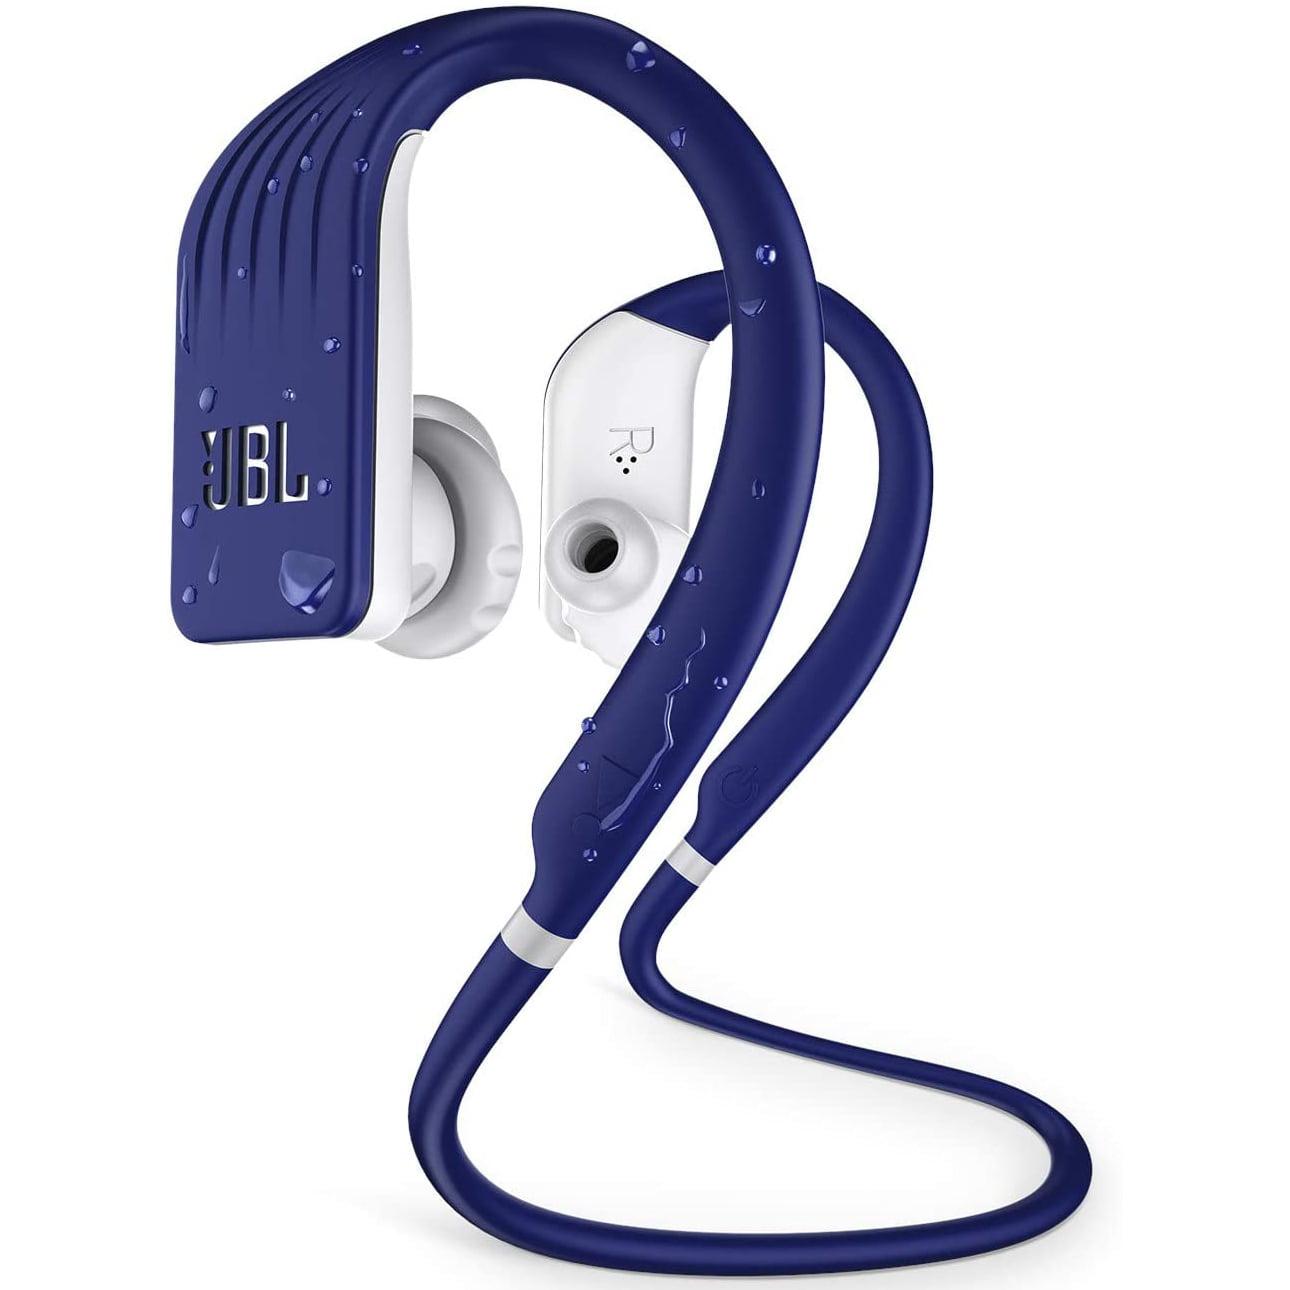 Casti In-Ear JBL Endurance Jump, Wireless, Bluetooth, Autonomie 8 ore, IPX7, Blue